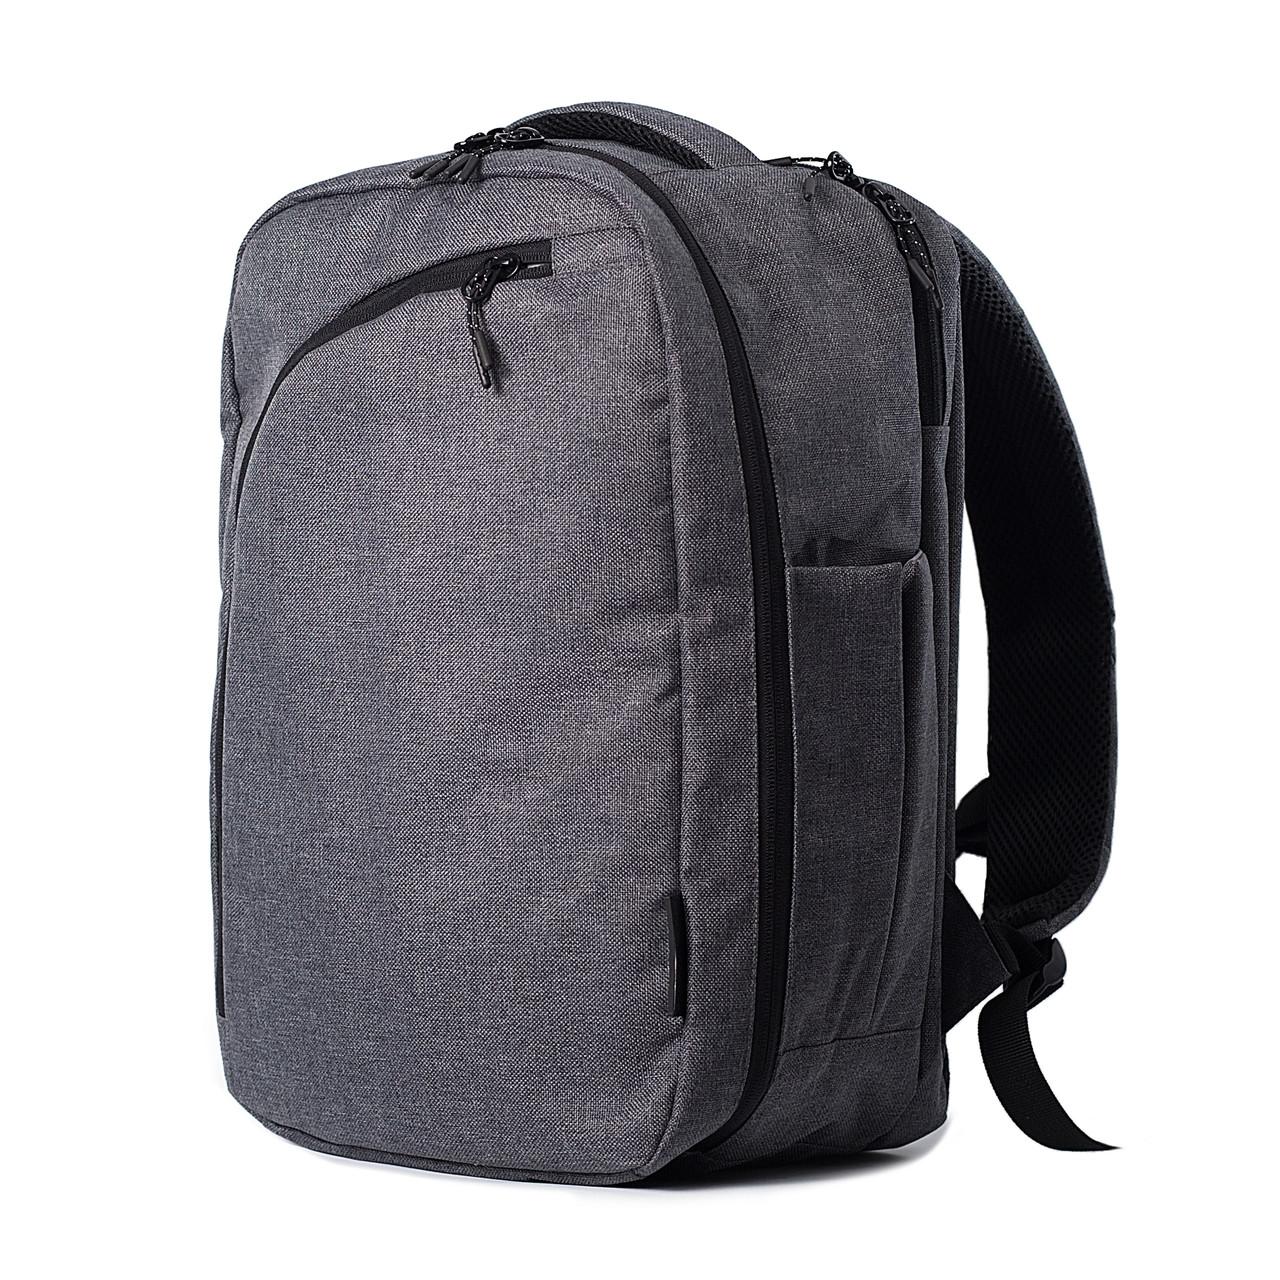 Рюкзак для ручной клади Wasco 40x25x20 Gen Fly Graph (Wizz Air / Ryanair)